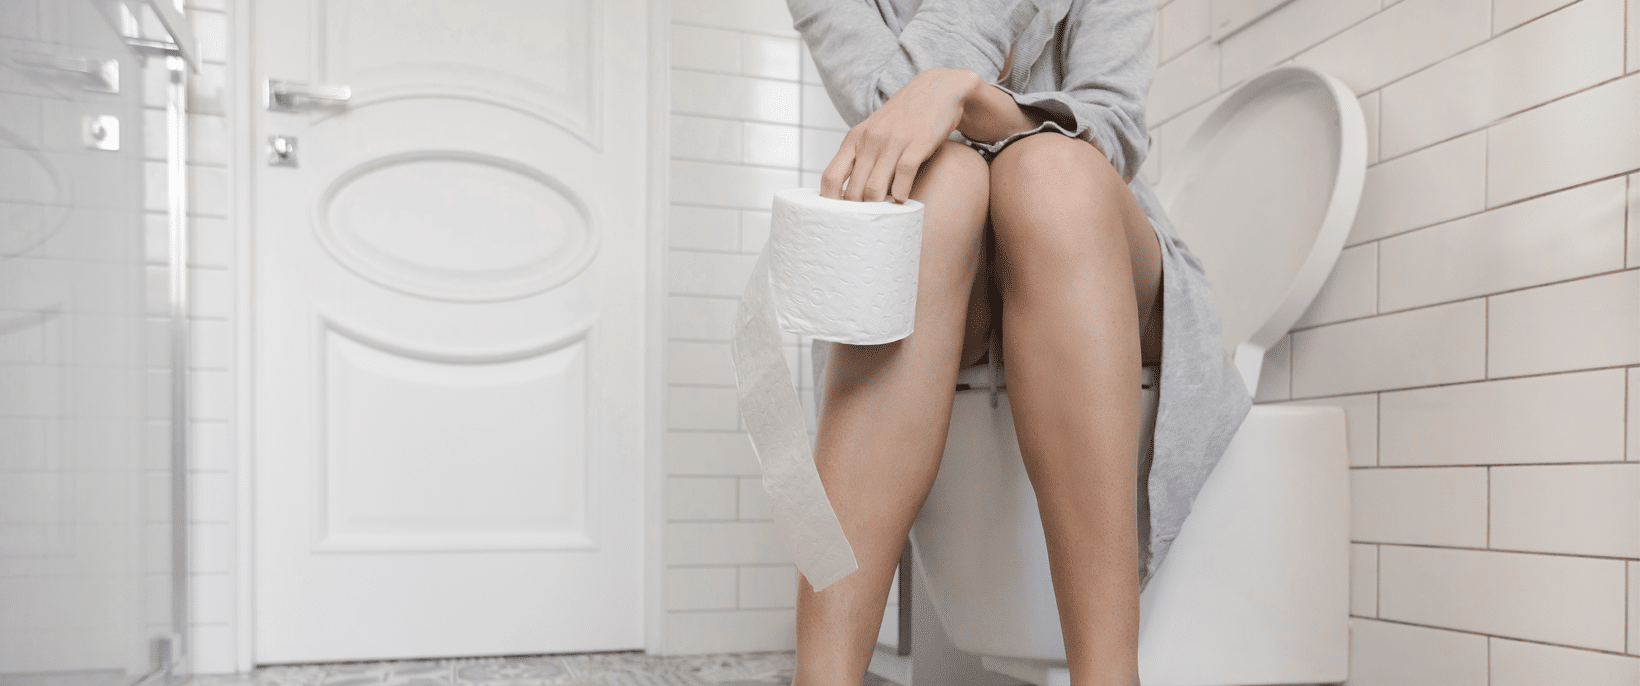 Durchfall – psychosomatische Ursachen